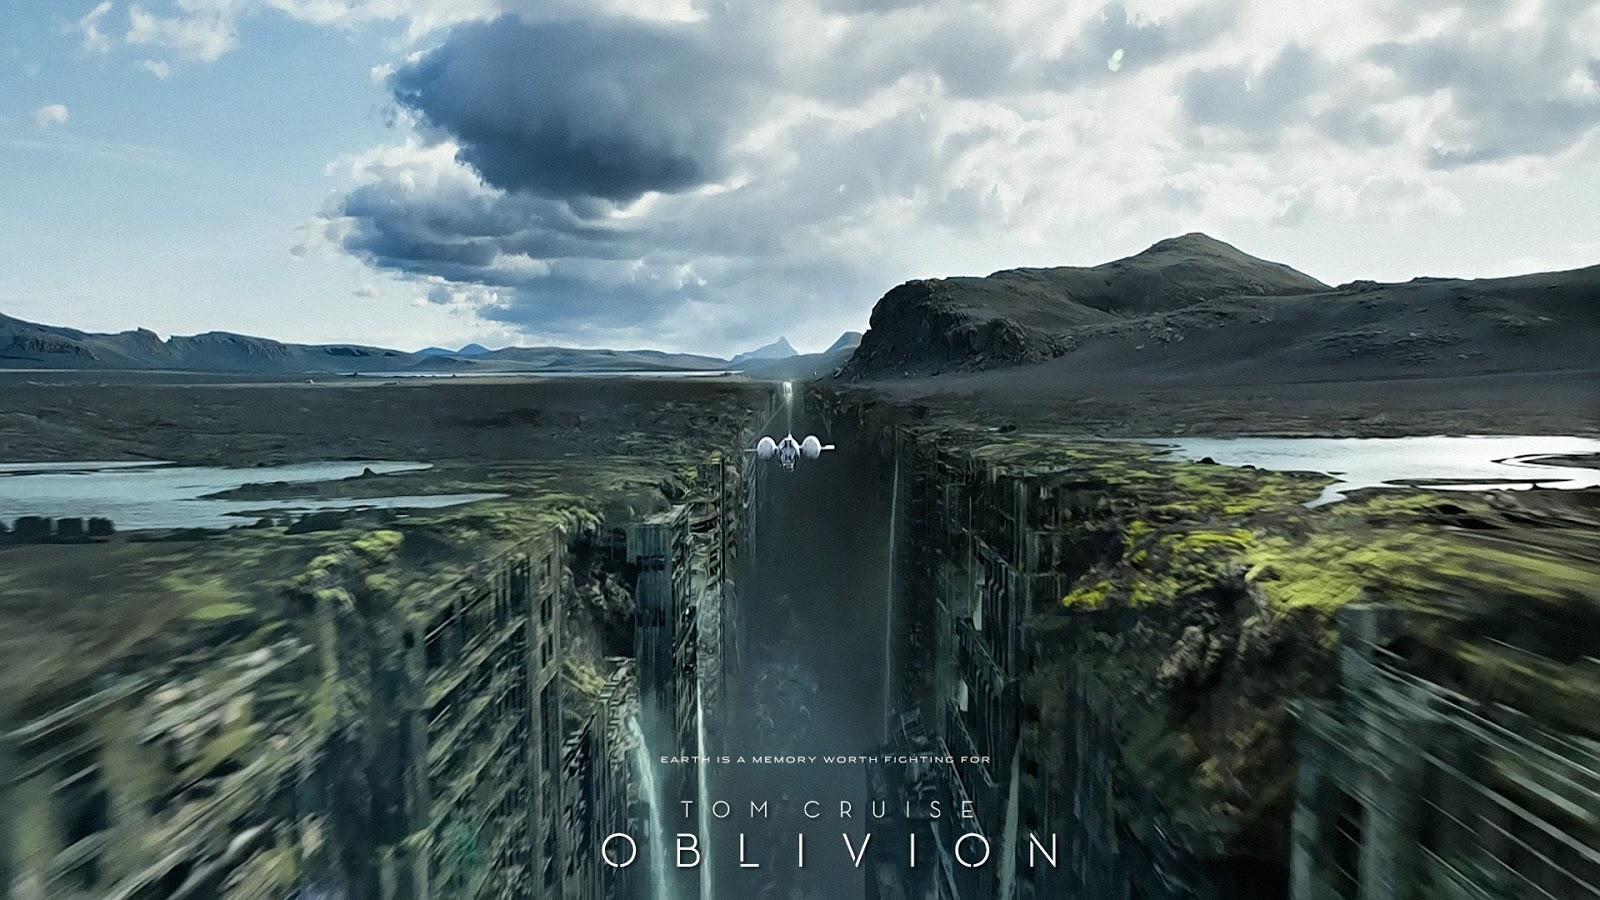 http://1.bp.blogspot.com/-07qssz0_hlU/UW5Y2Z_DKeI/AAAAAAAALZA/X8BJ9EDJTWw/s1600/Oblivion-Movie-2013-Wallpaper-HD1.jpg